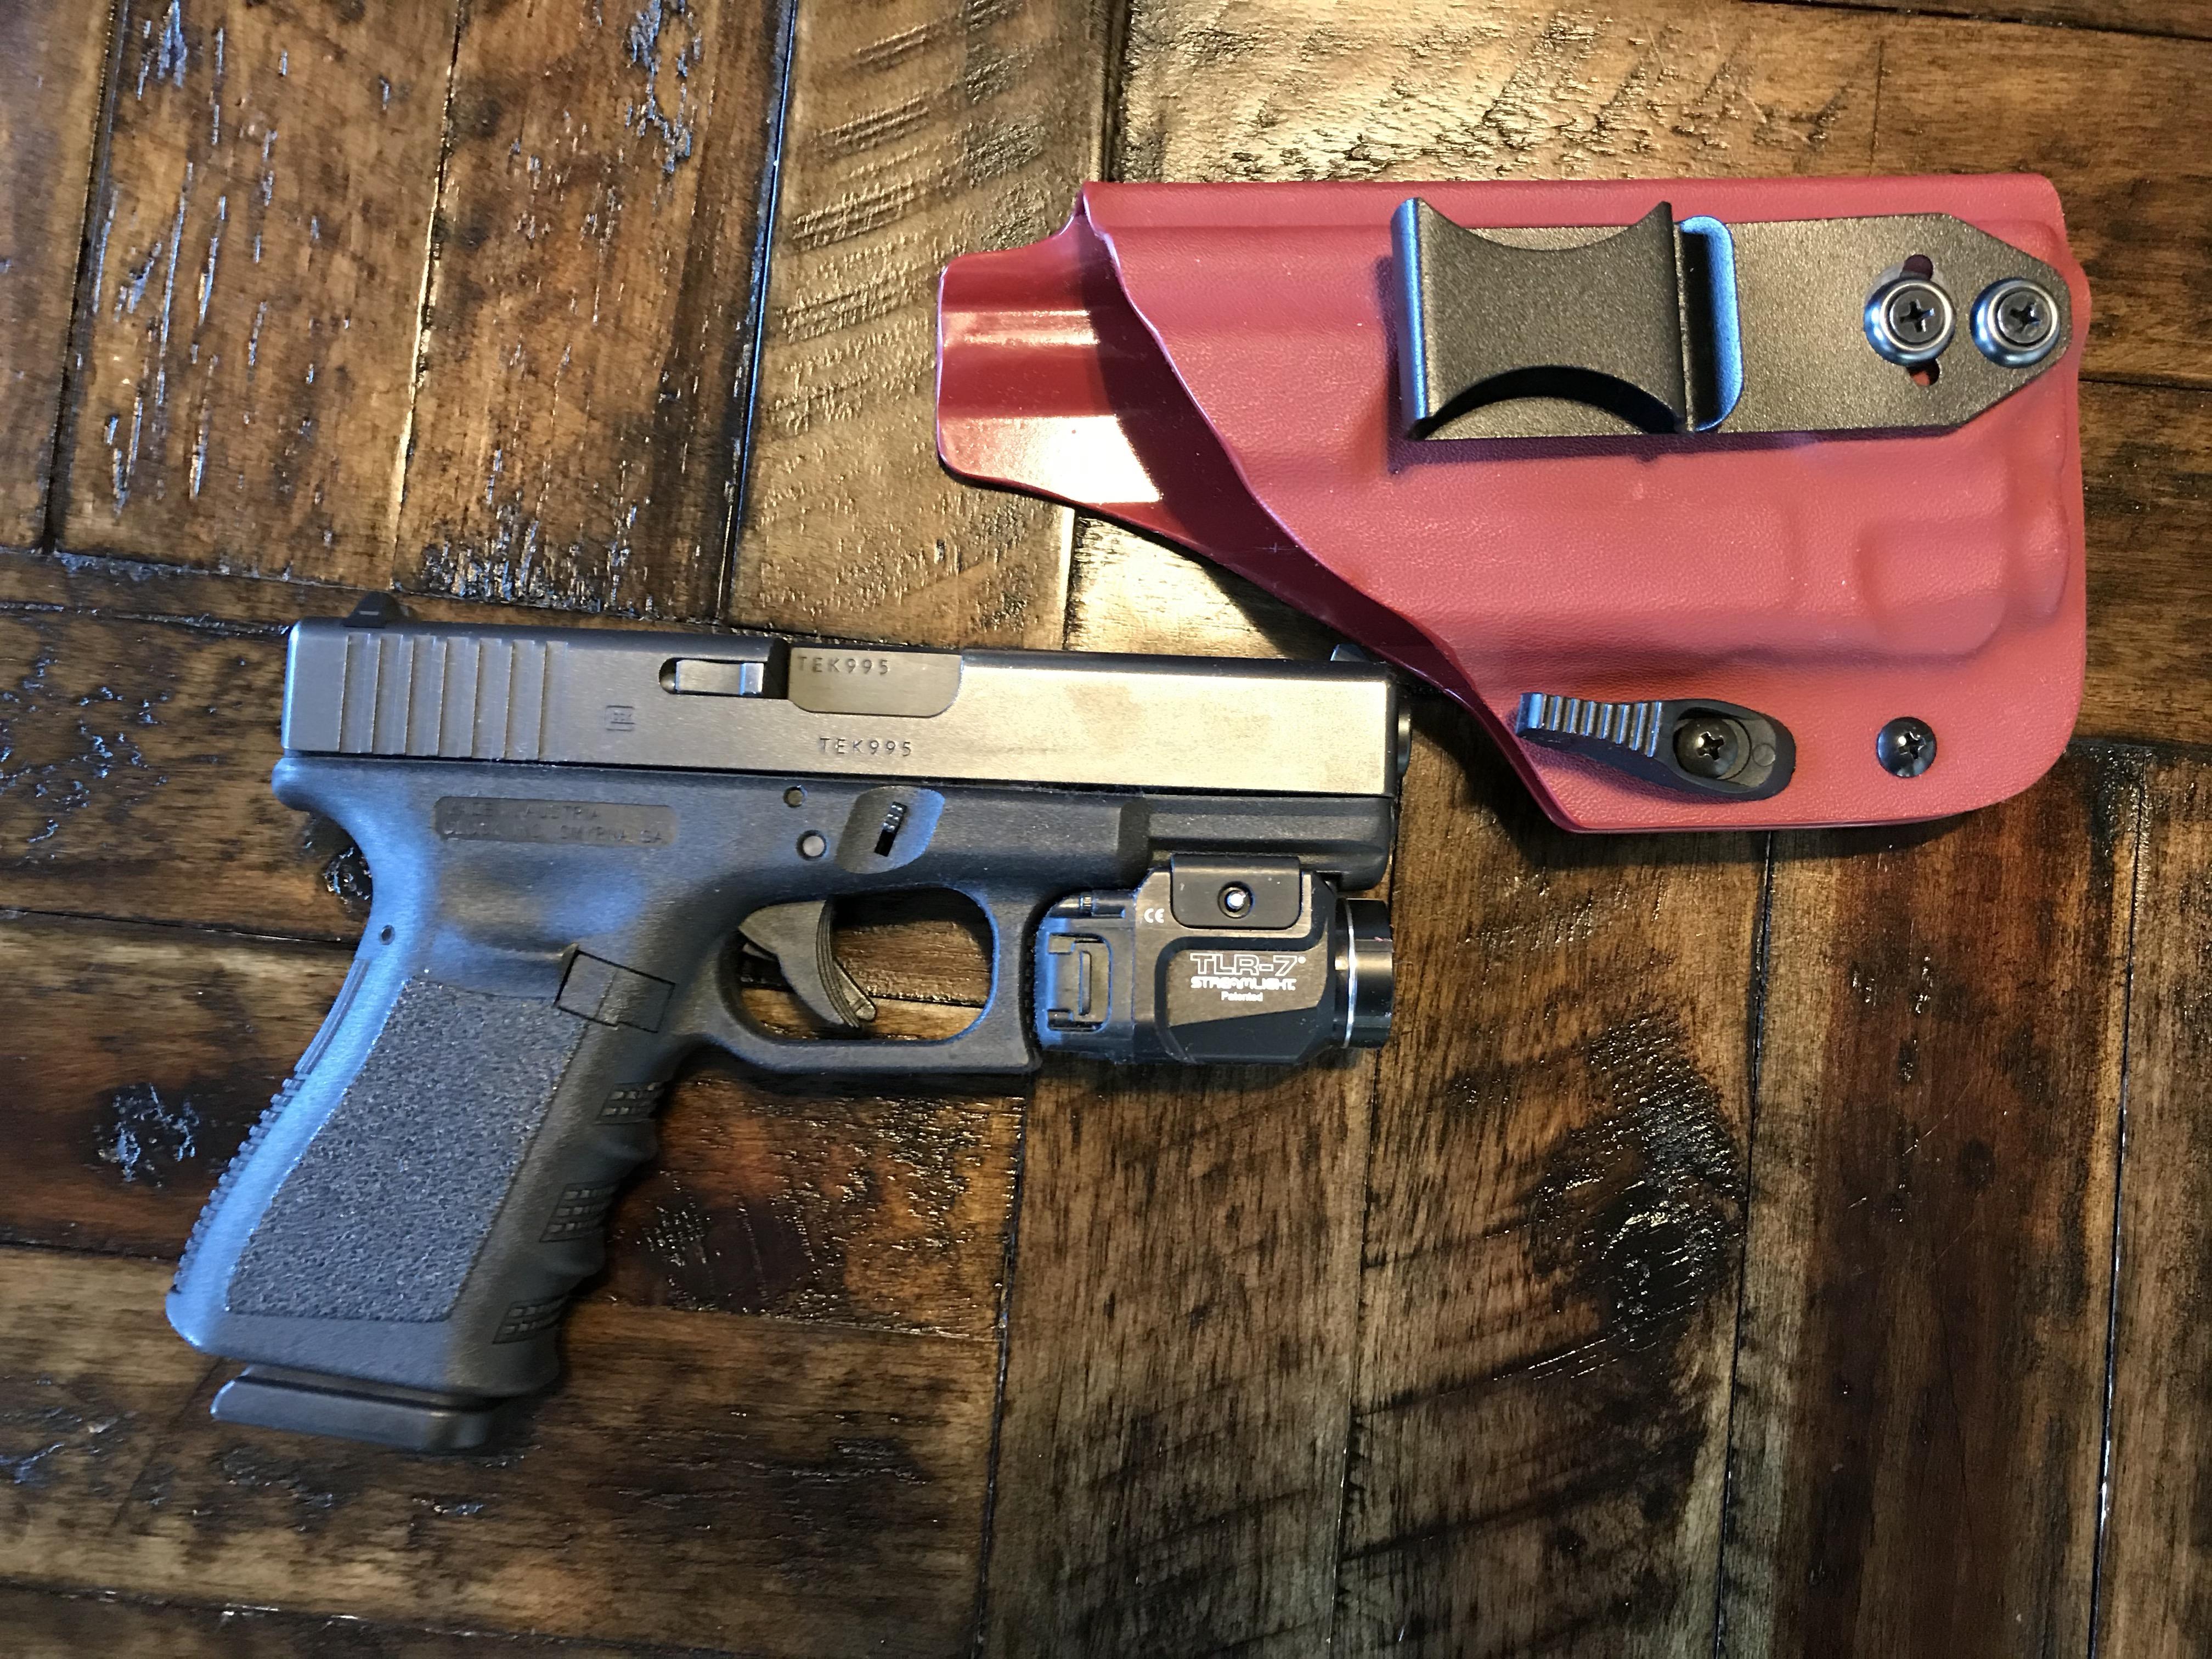 Vedder Holster for Glock 19/TLR 7 combo-dlwdu-7dqpohvoddjhh9jw.jpg